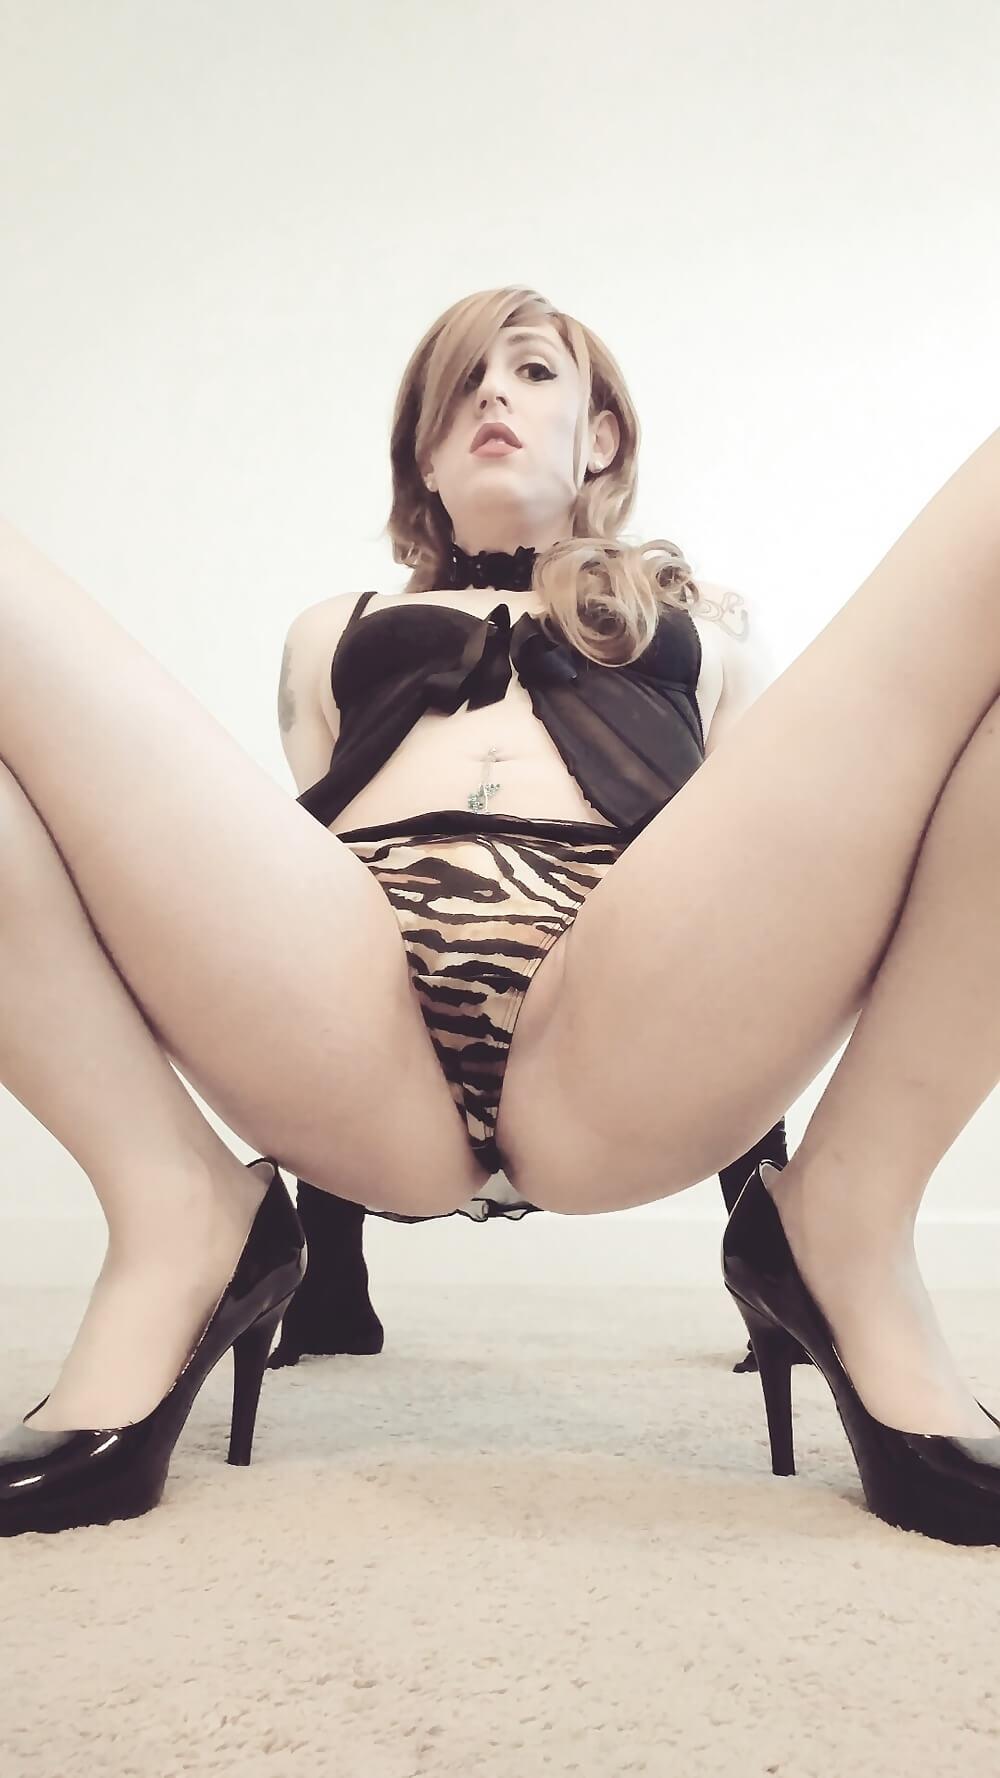 Katie sissy high heels